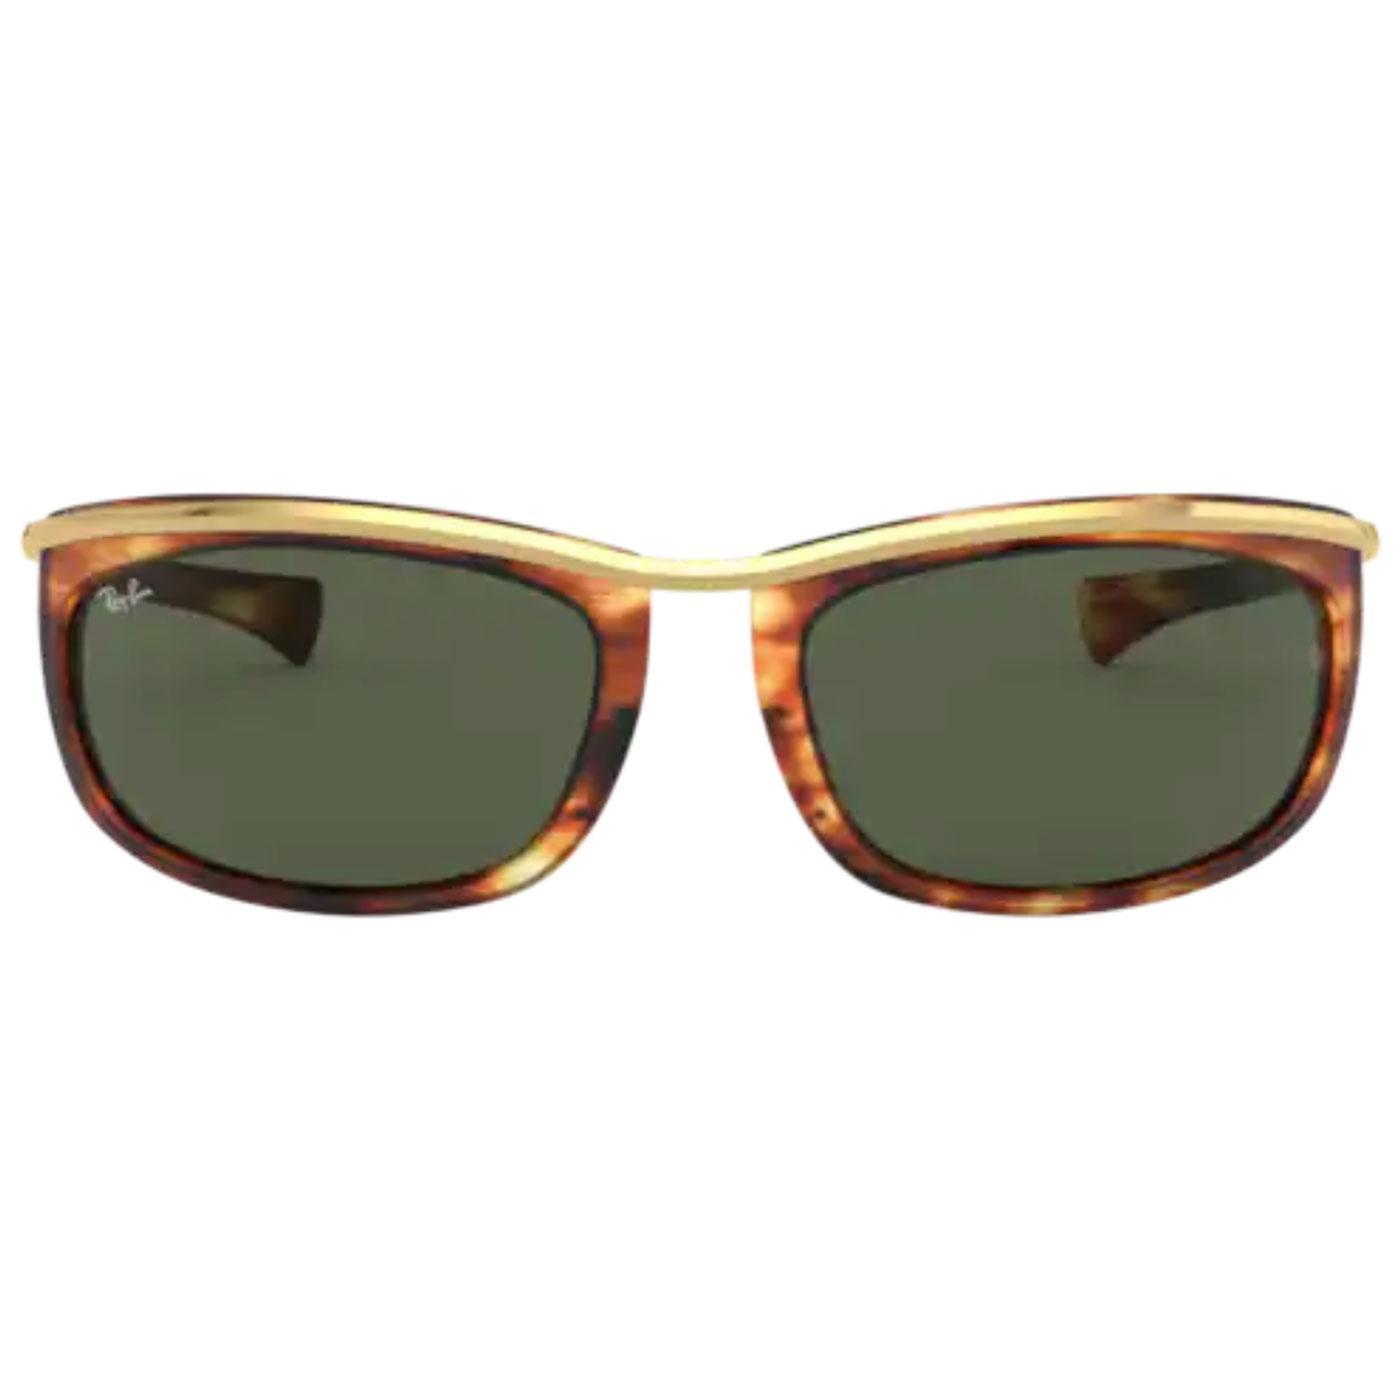 Olympian RAY-BAN Retro Striped Havana Sunglasses